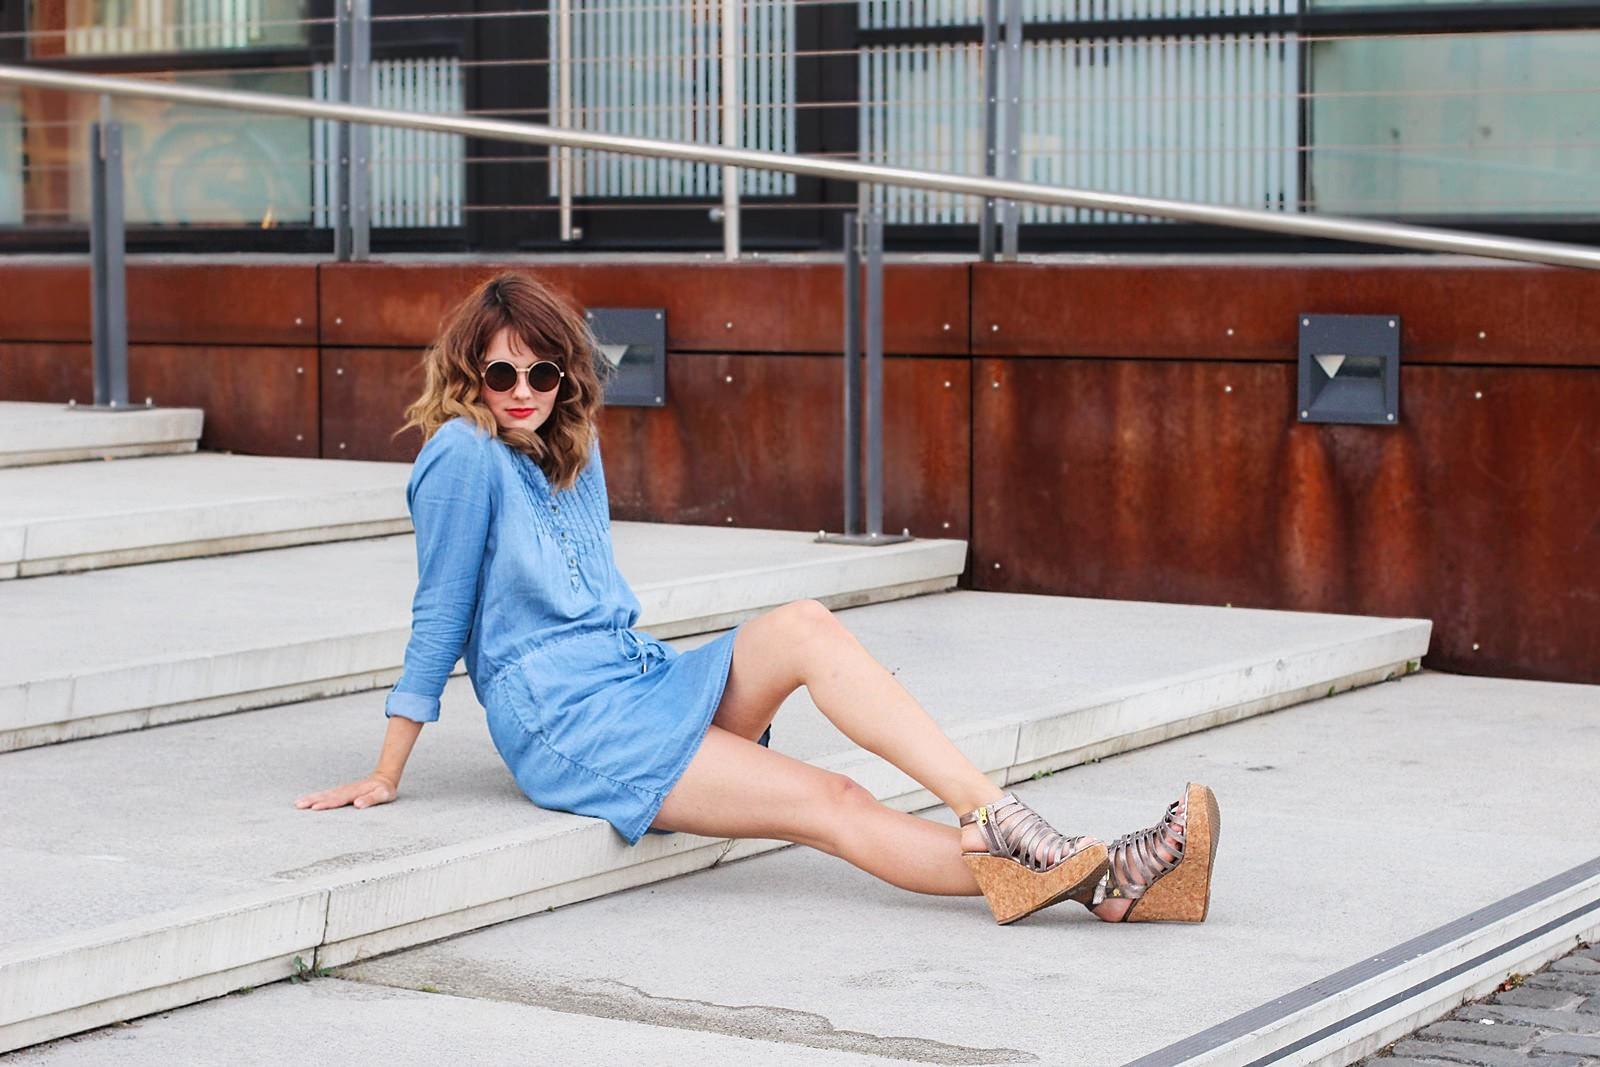 Chambrey-Jeans Kleid von Tom Tailor, goldene Plateau-Heels, runde Sonnenbrille am Rheinauhafen, Köln